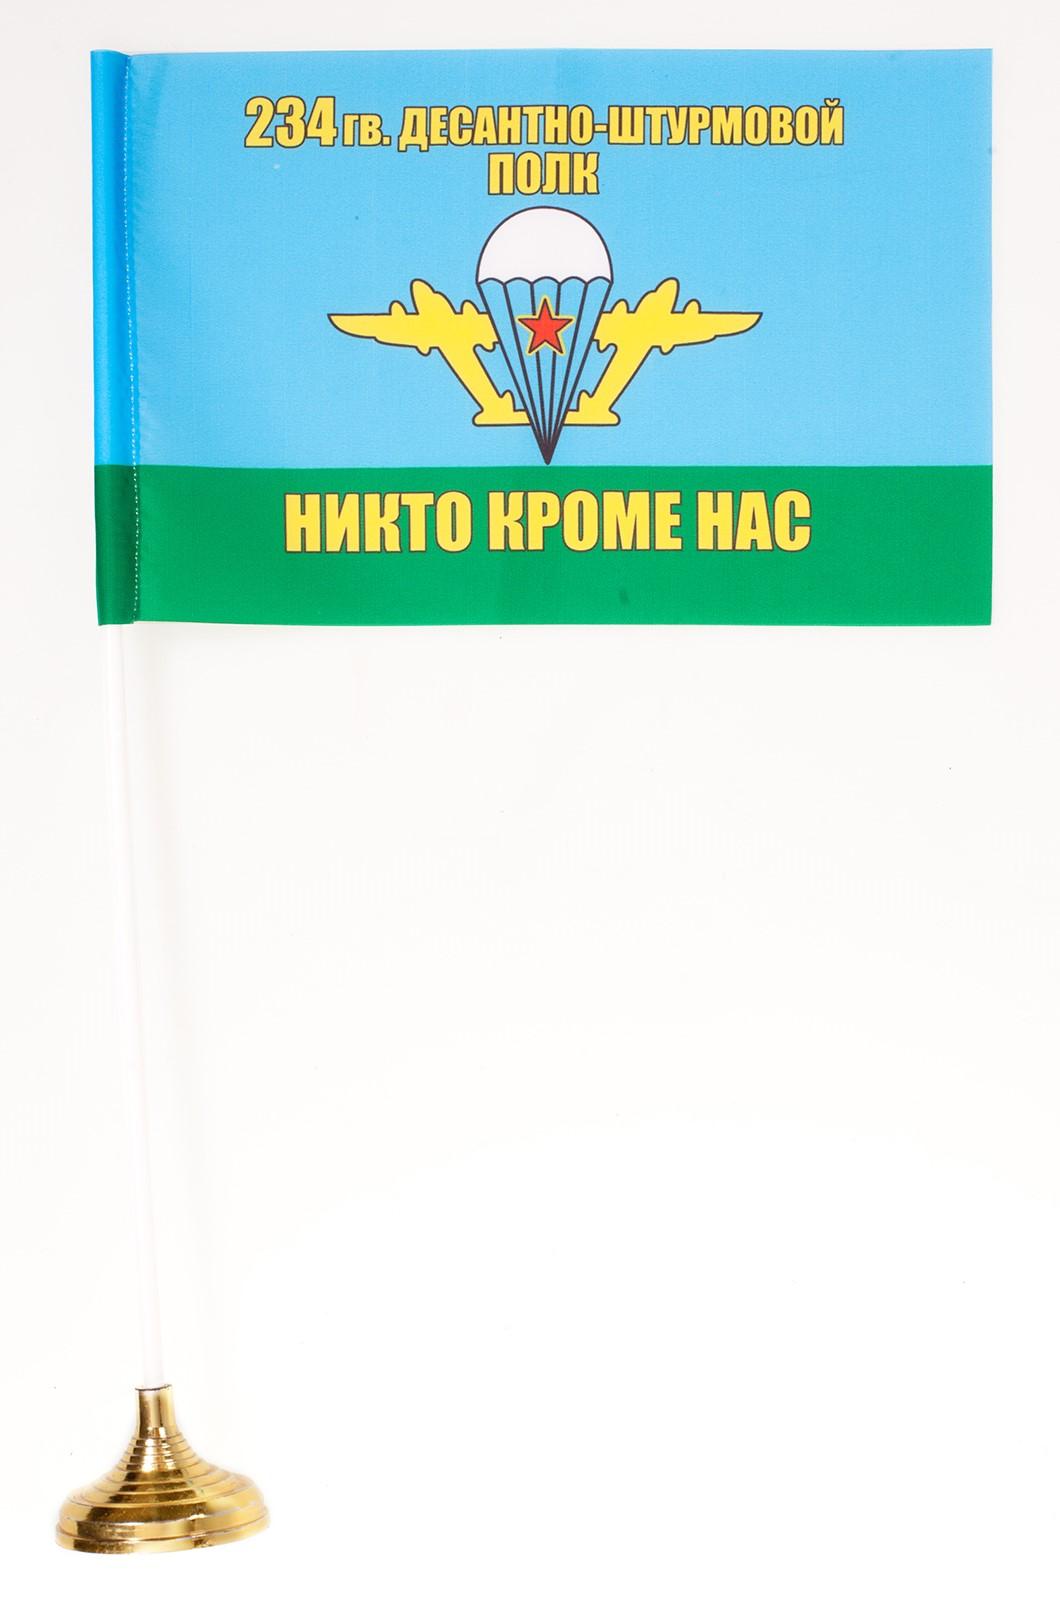 Настольный флажок 234-го гв. ДШП ВДВ